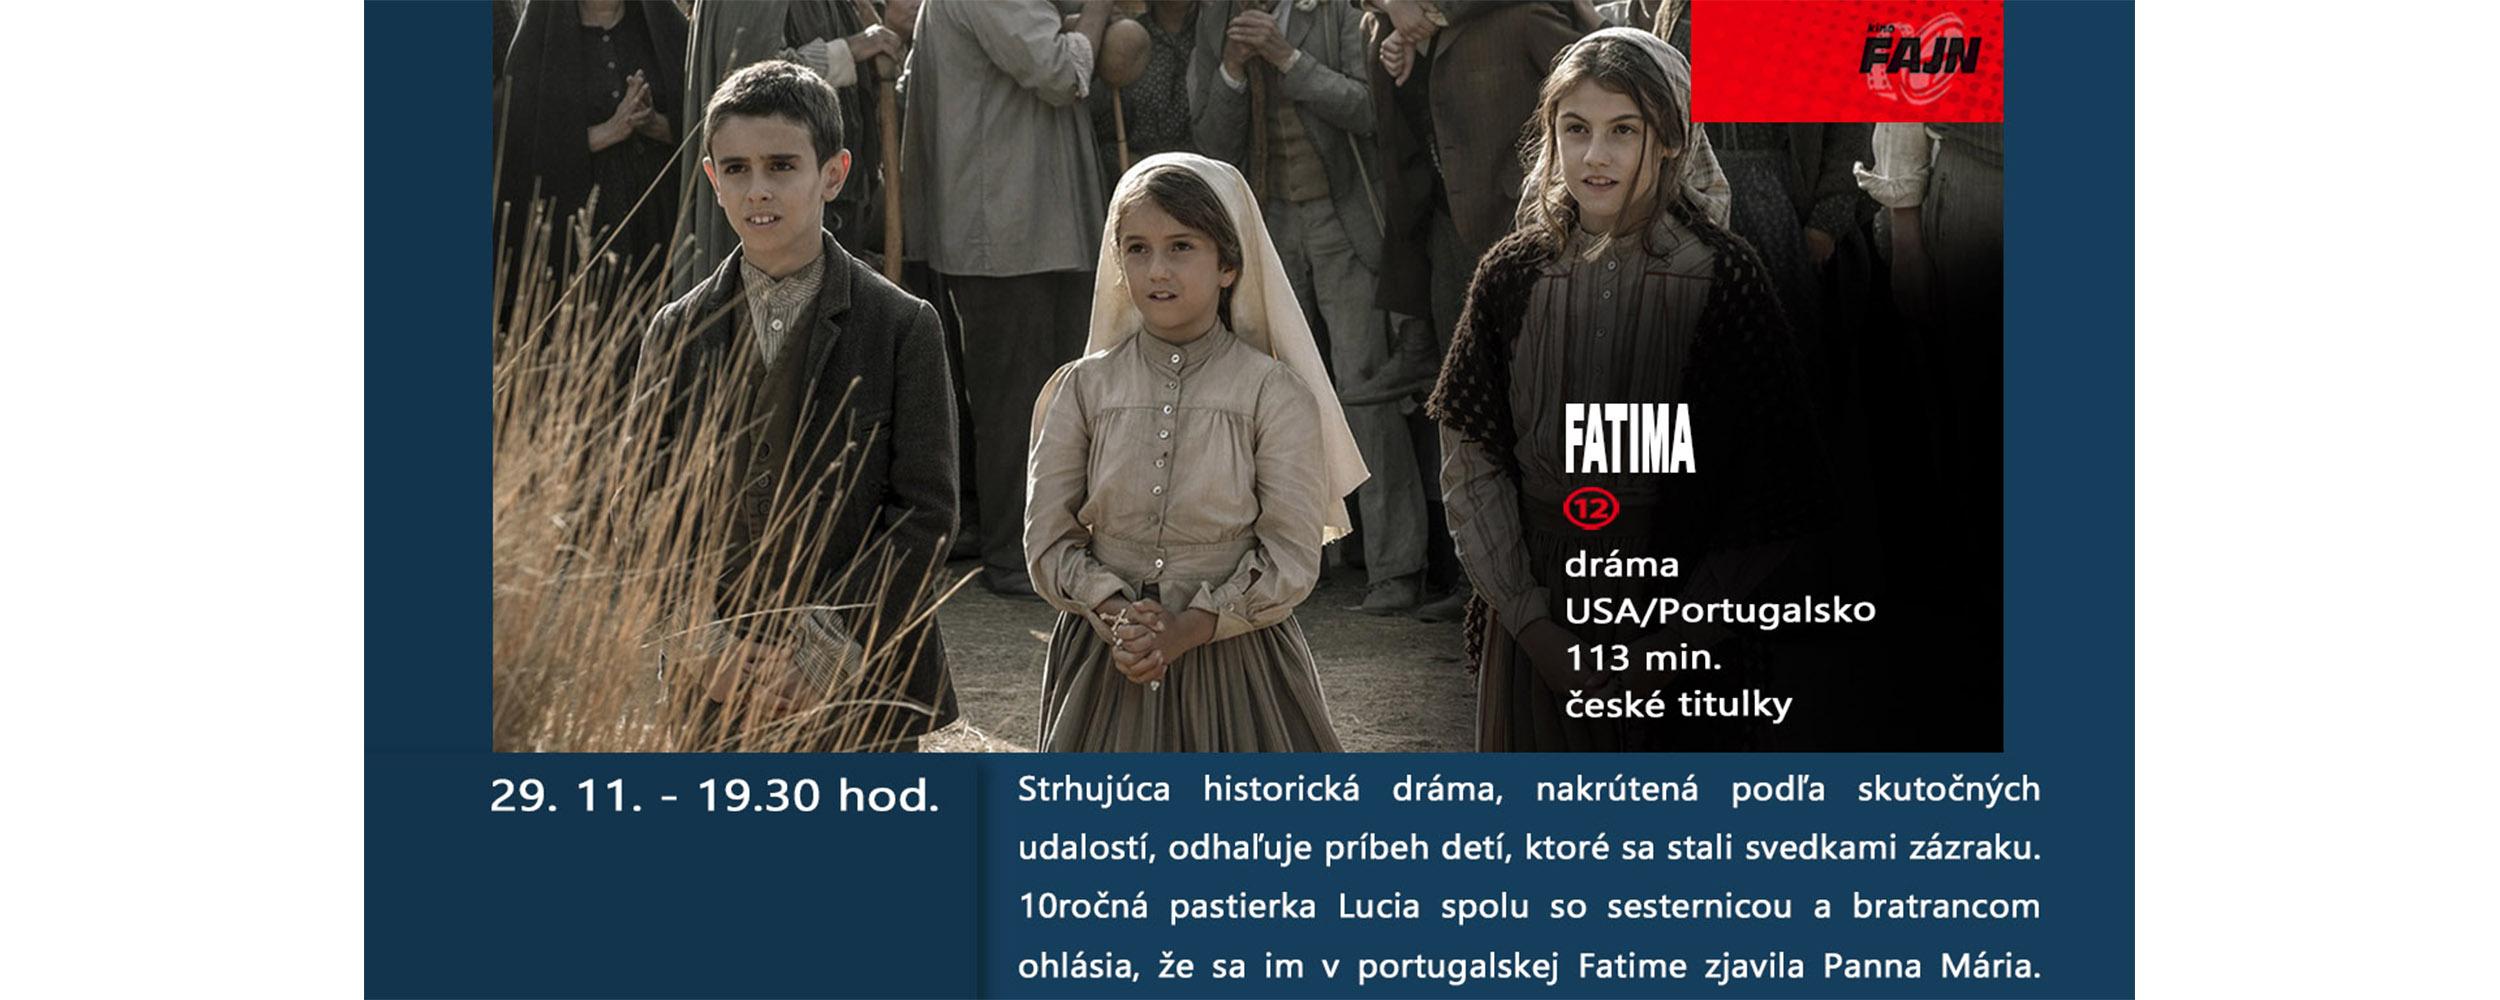 Fatimaa